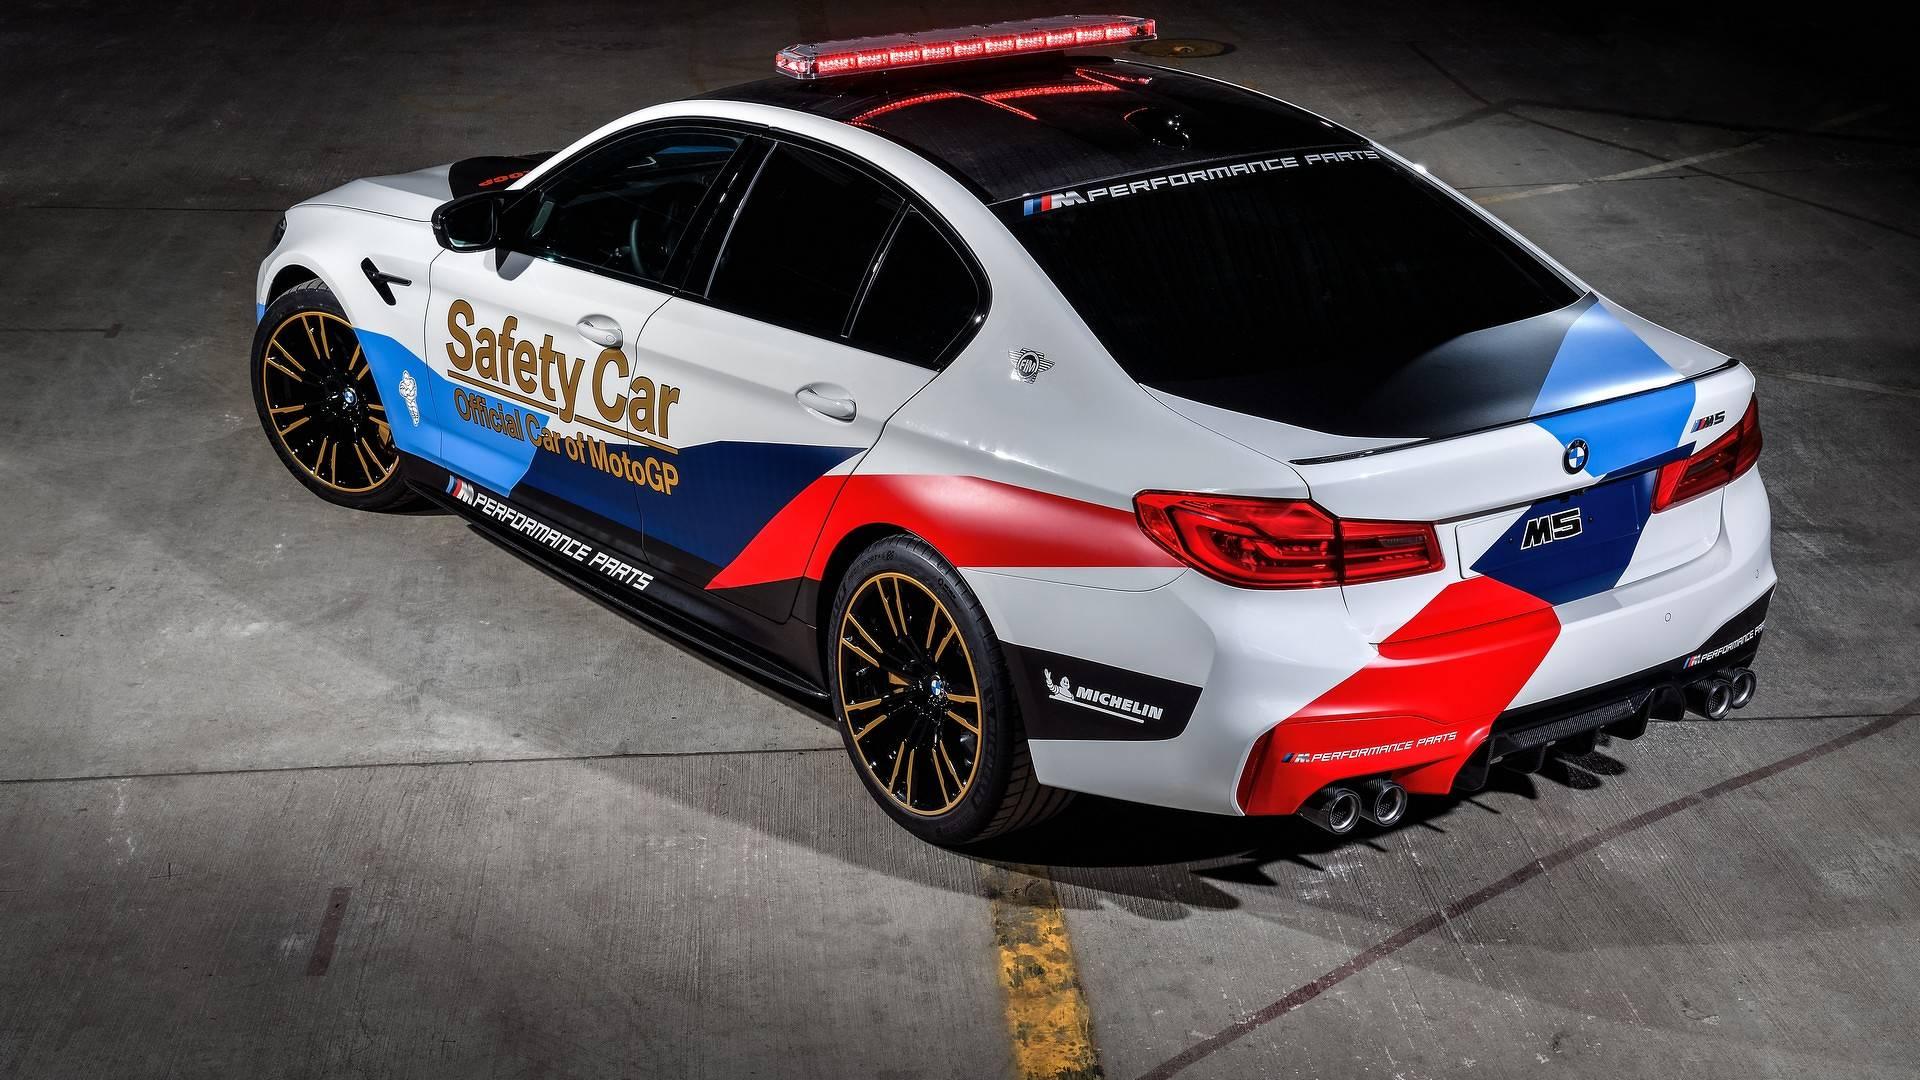 BMW F90 M5 Chosen As 2018 MotoGP Safety Car, Previews M5 M Performance Parts - autoevolution